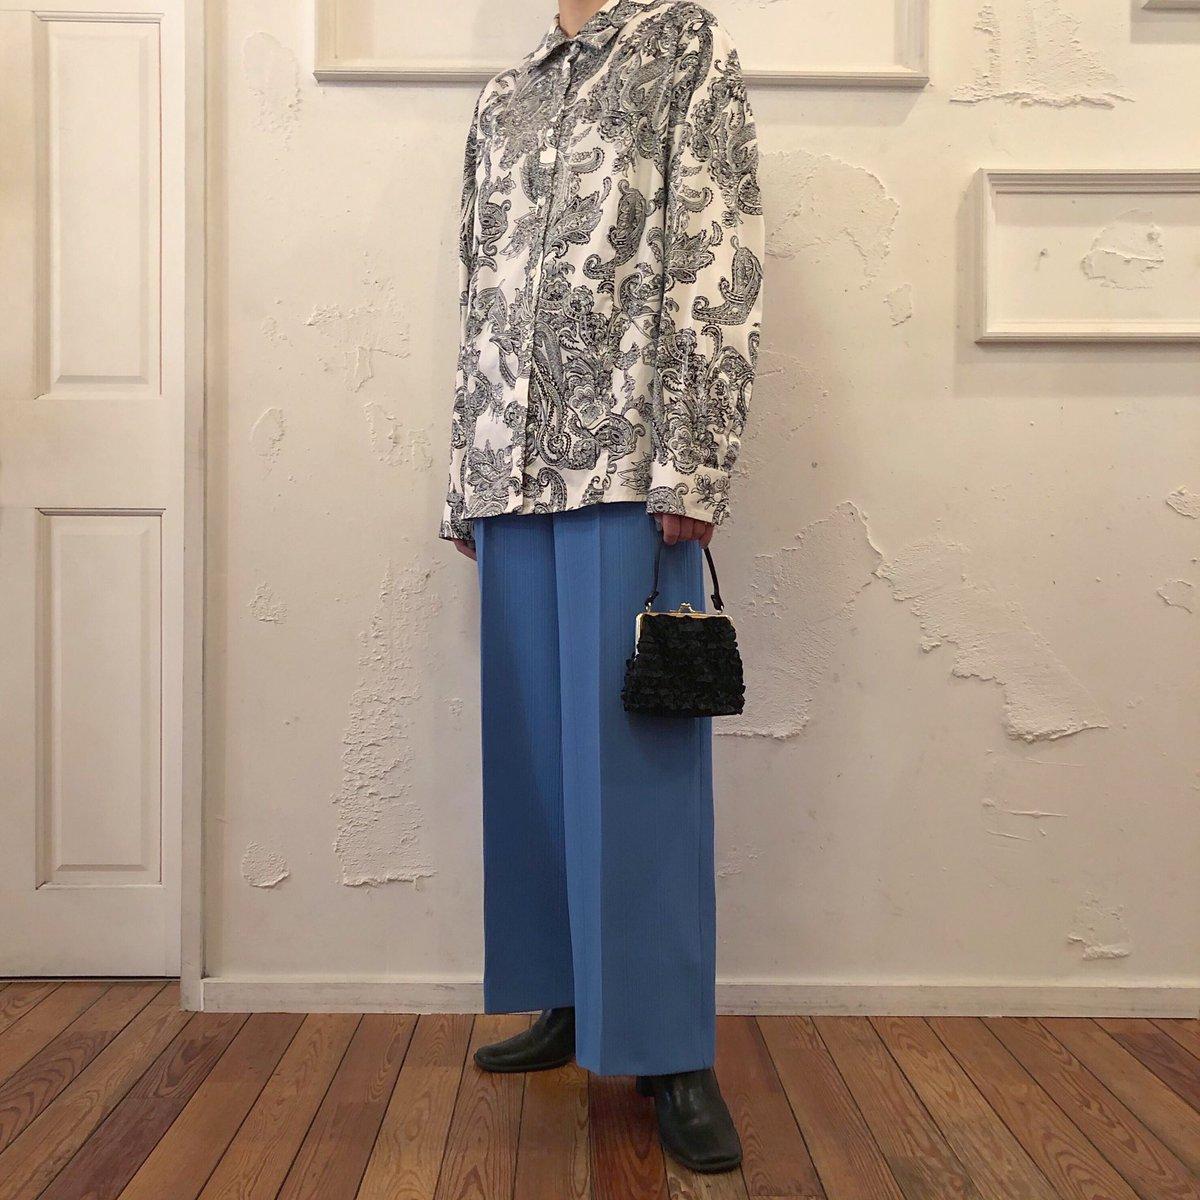 本日入荷  ▶︎Vintage Paisley Cotton Shirt ▶︎Vintage Wide Slacks ▶︎Vintage Leather Heel Boots  #modefashion #streetfashion #harajuku #tokyofashion #funktique #funktiquetokyo  https://instagram.com/p/CA13GlEFkdq/pic.twitter.com/W8fjVsV4cI